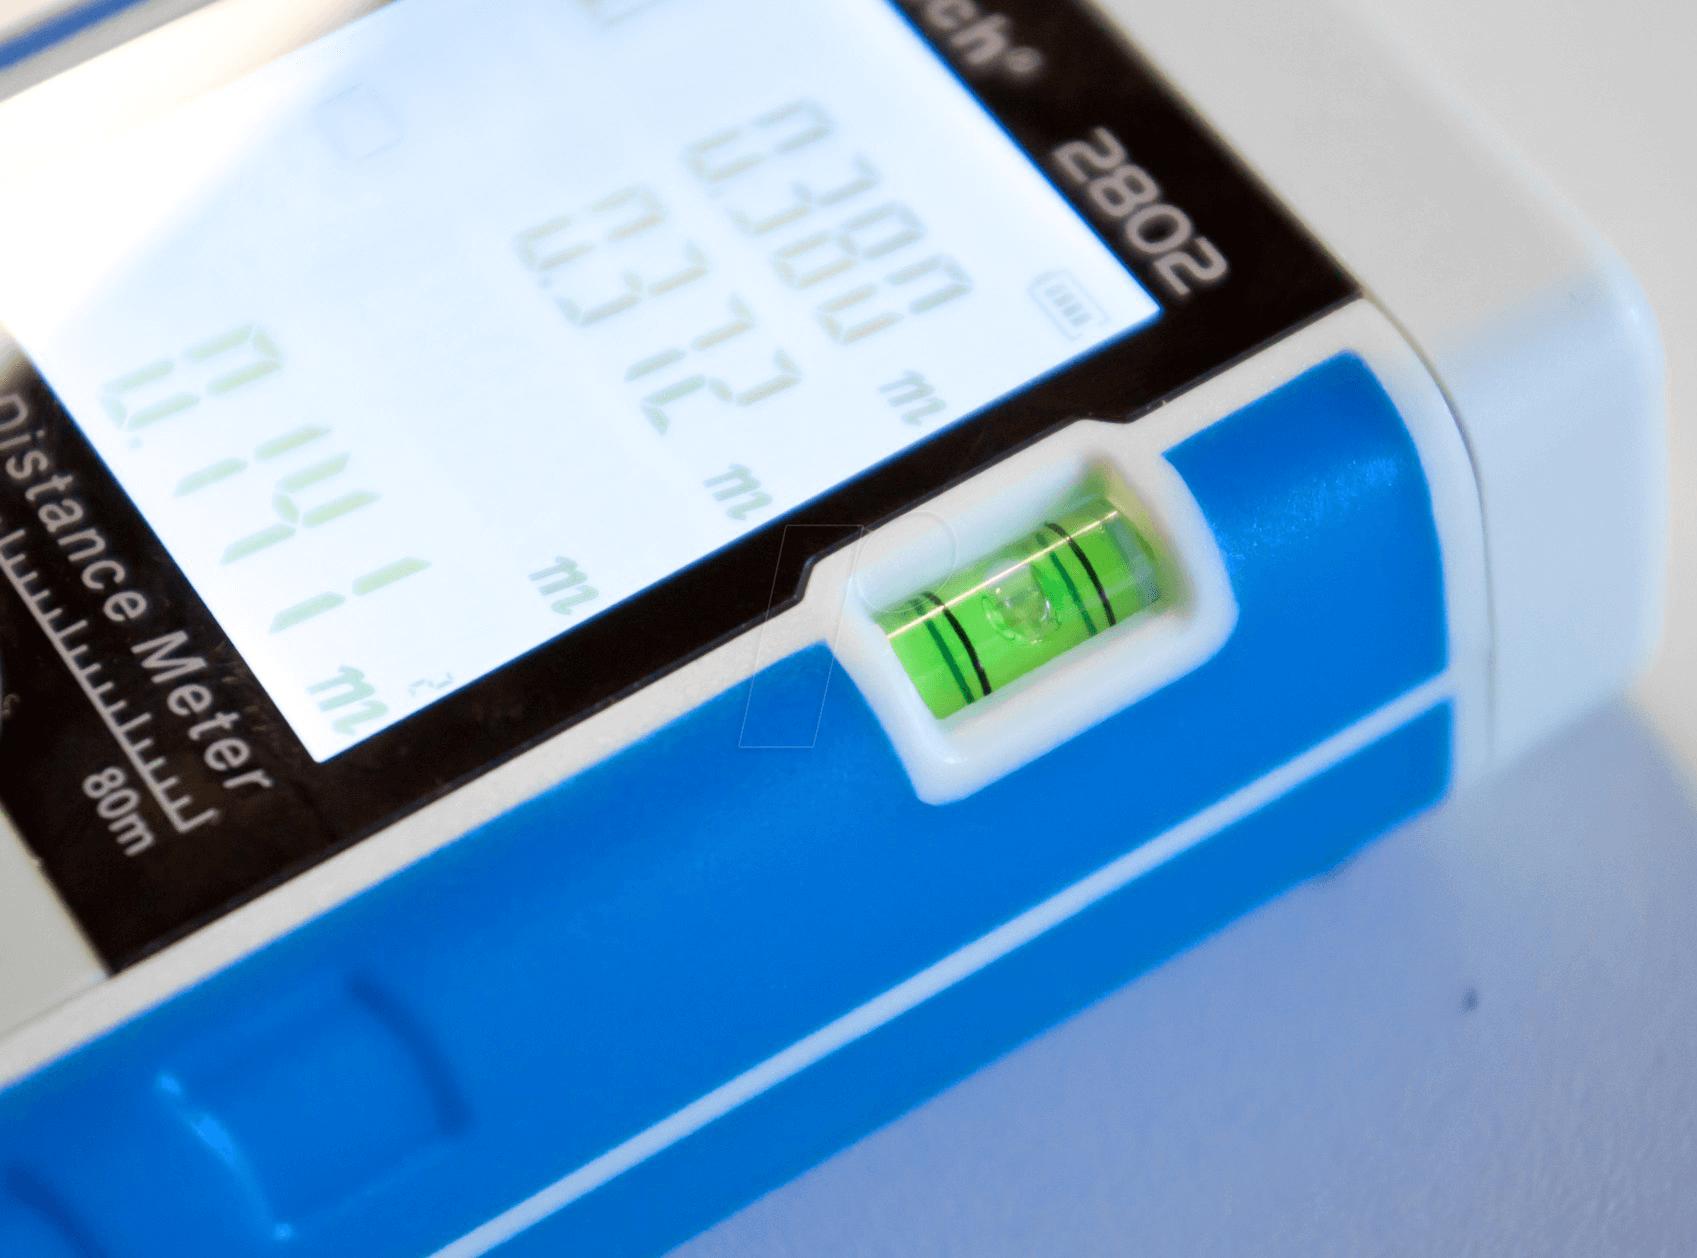 Laser Entfernungsmesser Lux : Peaktech a laserentfernungsmesser m bei reichelt